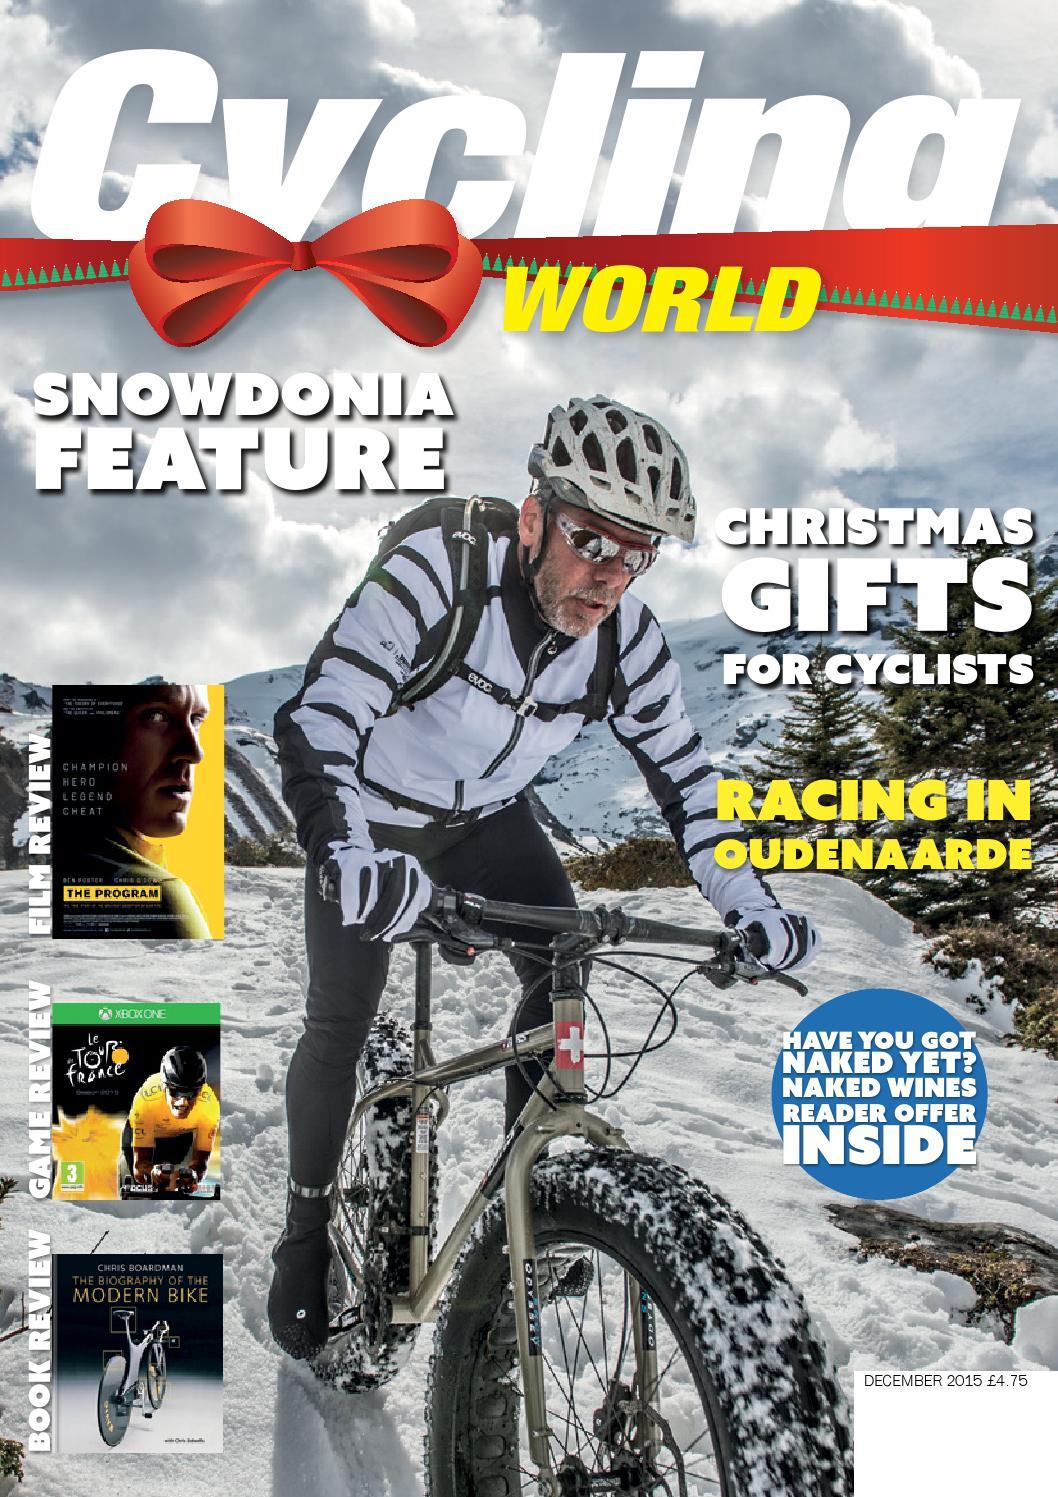 4 Rock Shox Autocollant Drôle Cyclisme Mtb Mountain Bike Rétro Vélo